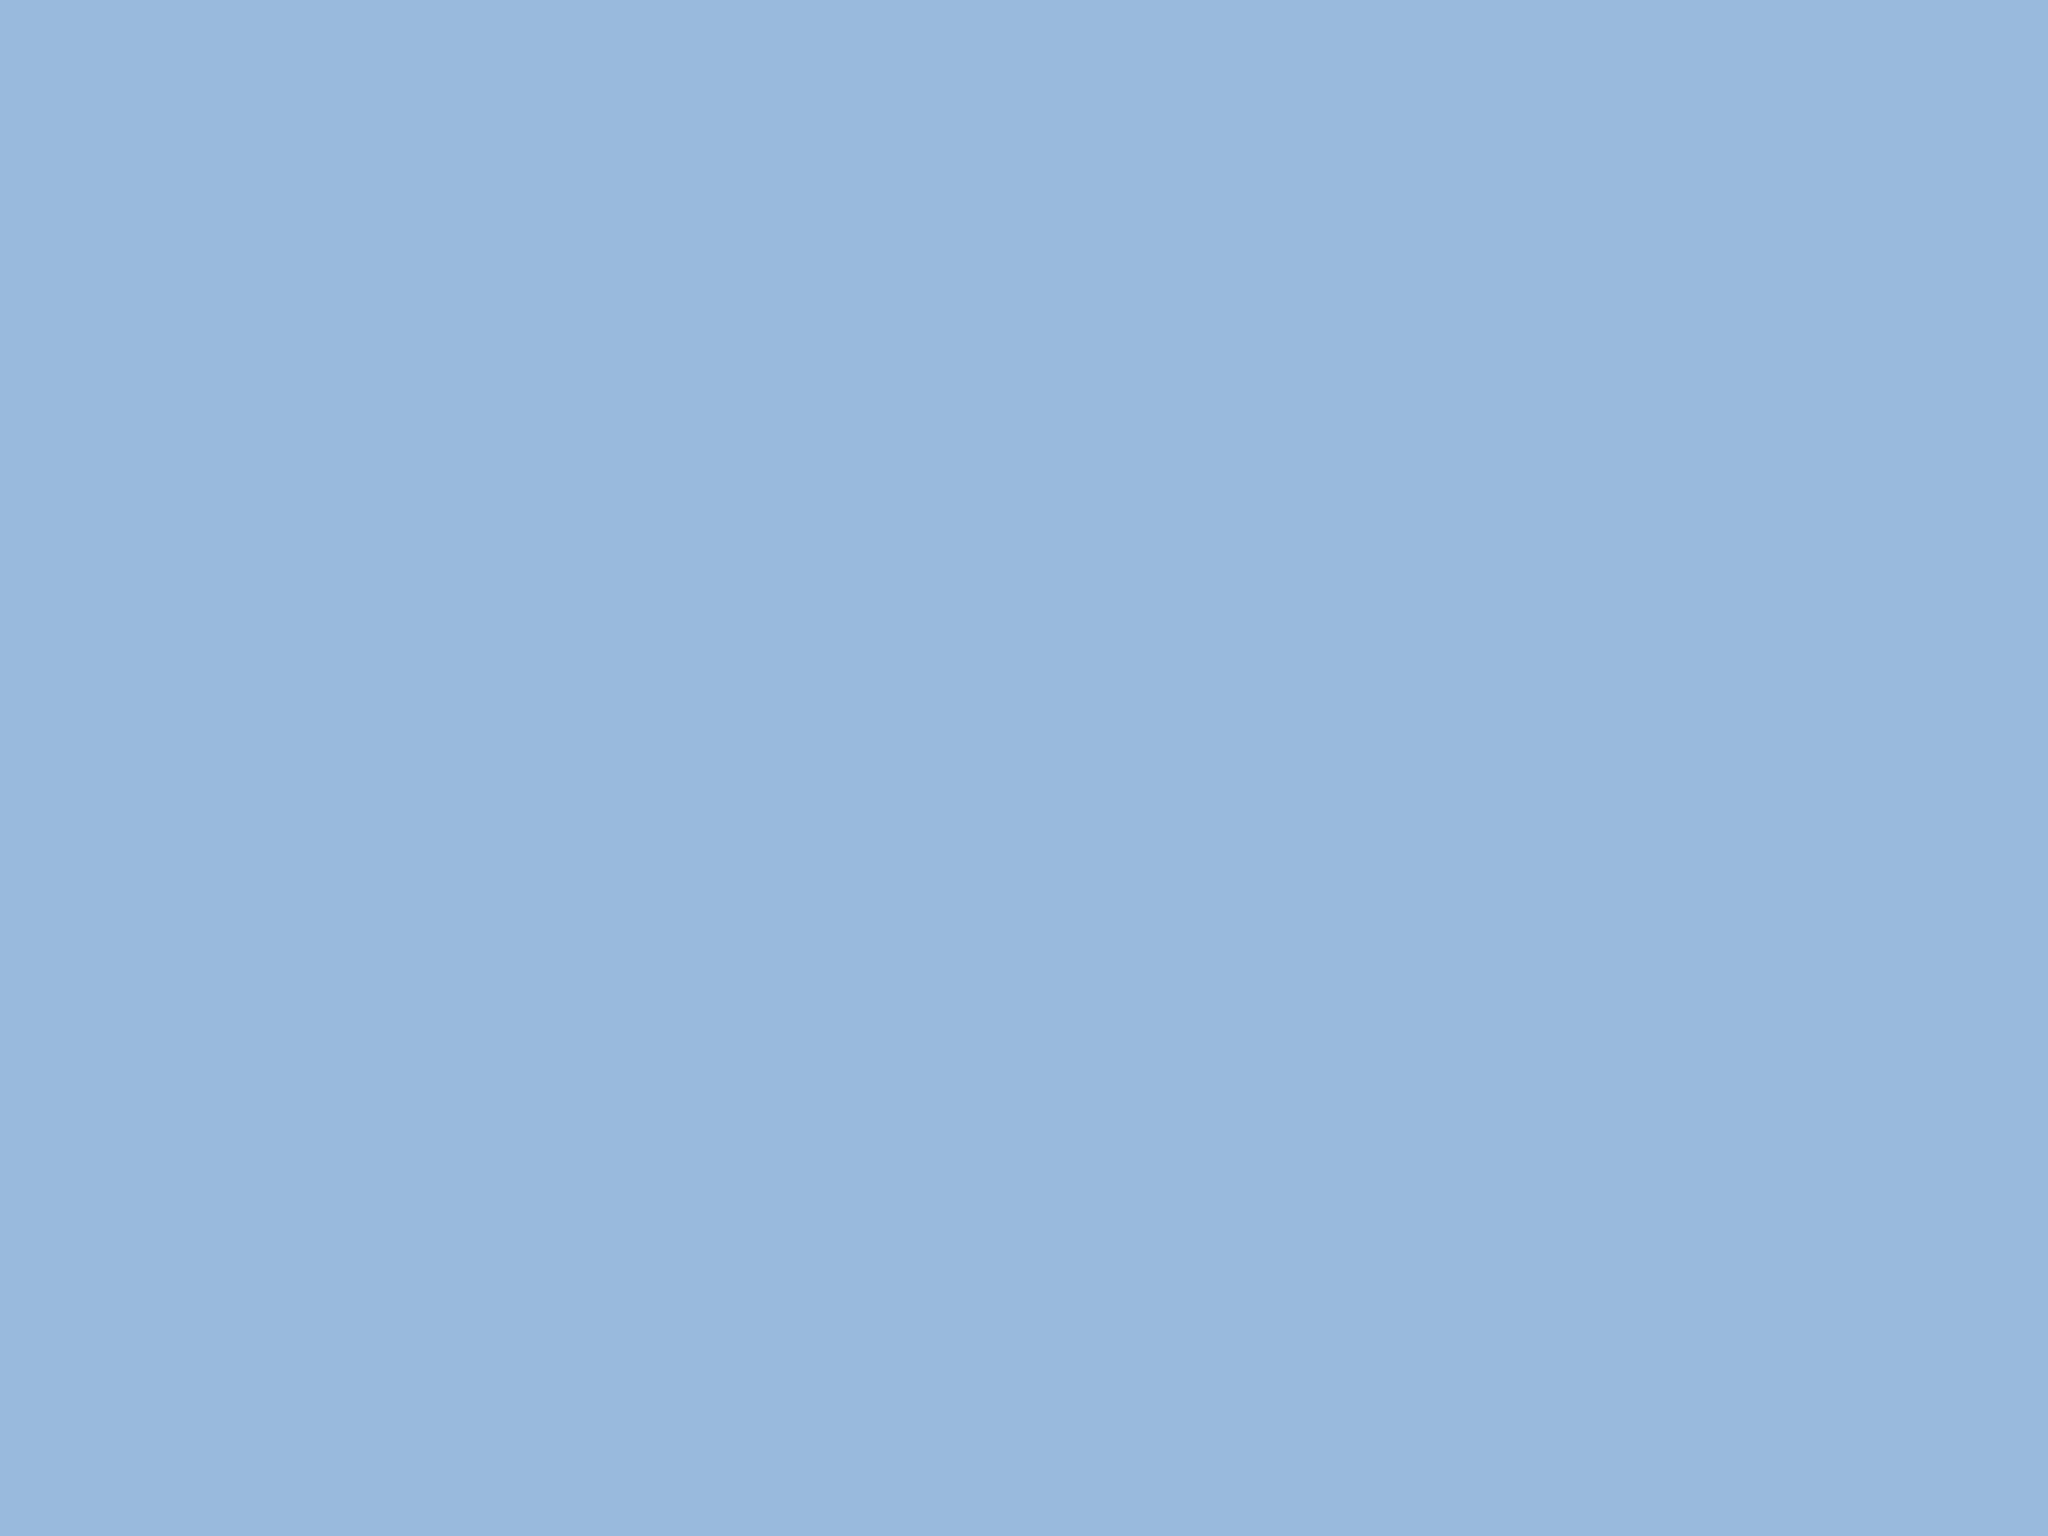 2048x1536 Carolina Blue Solid Color Background